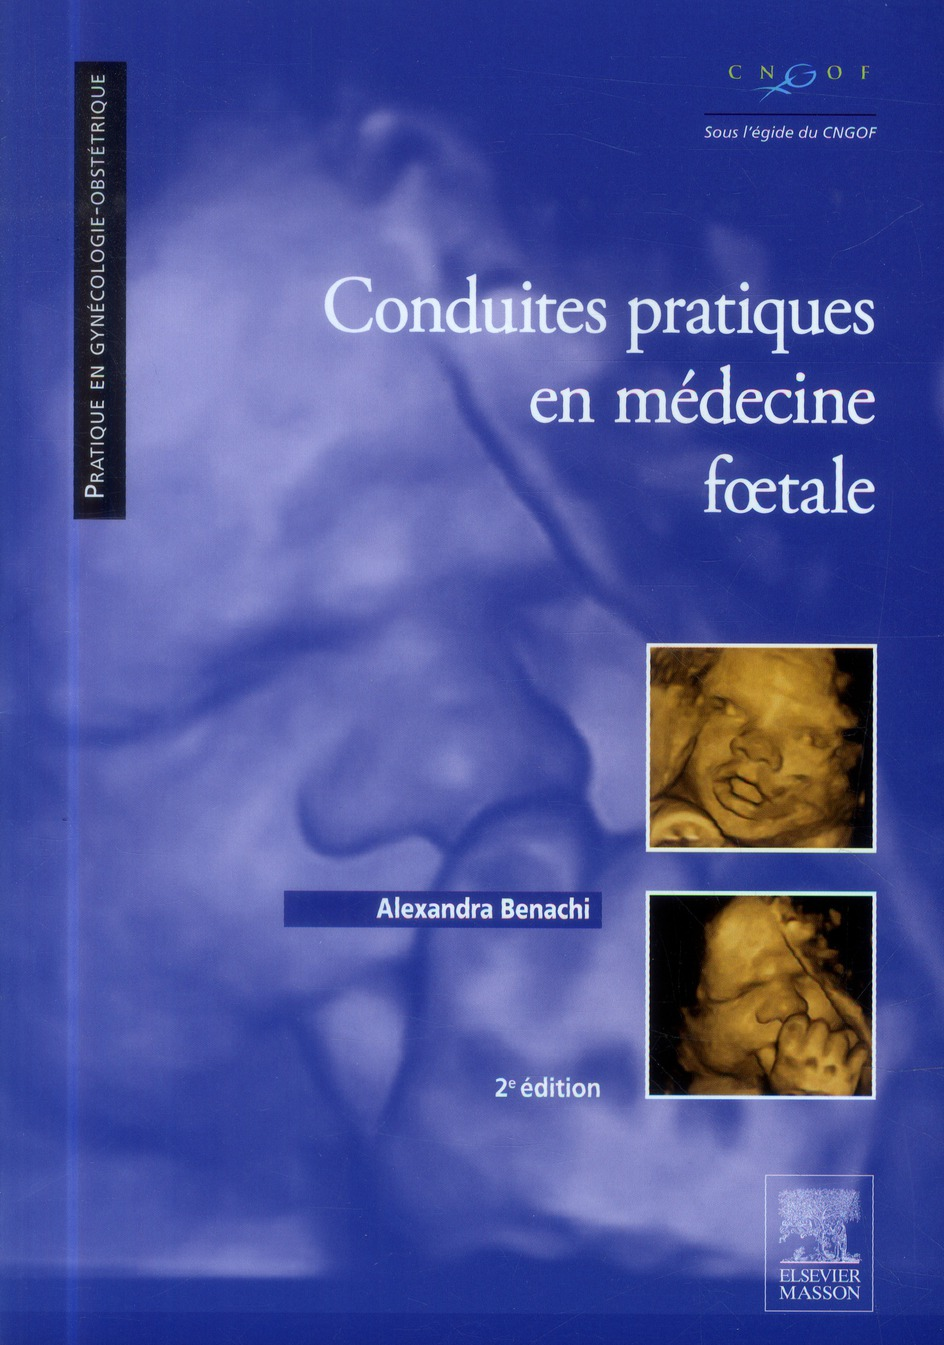 Conduites pratiques en médecine foetale (2e édition)